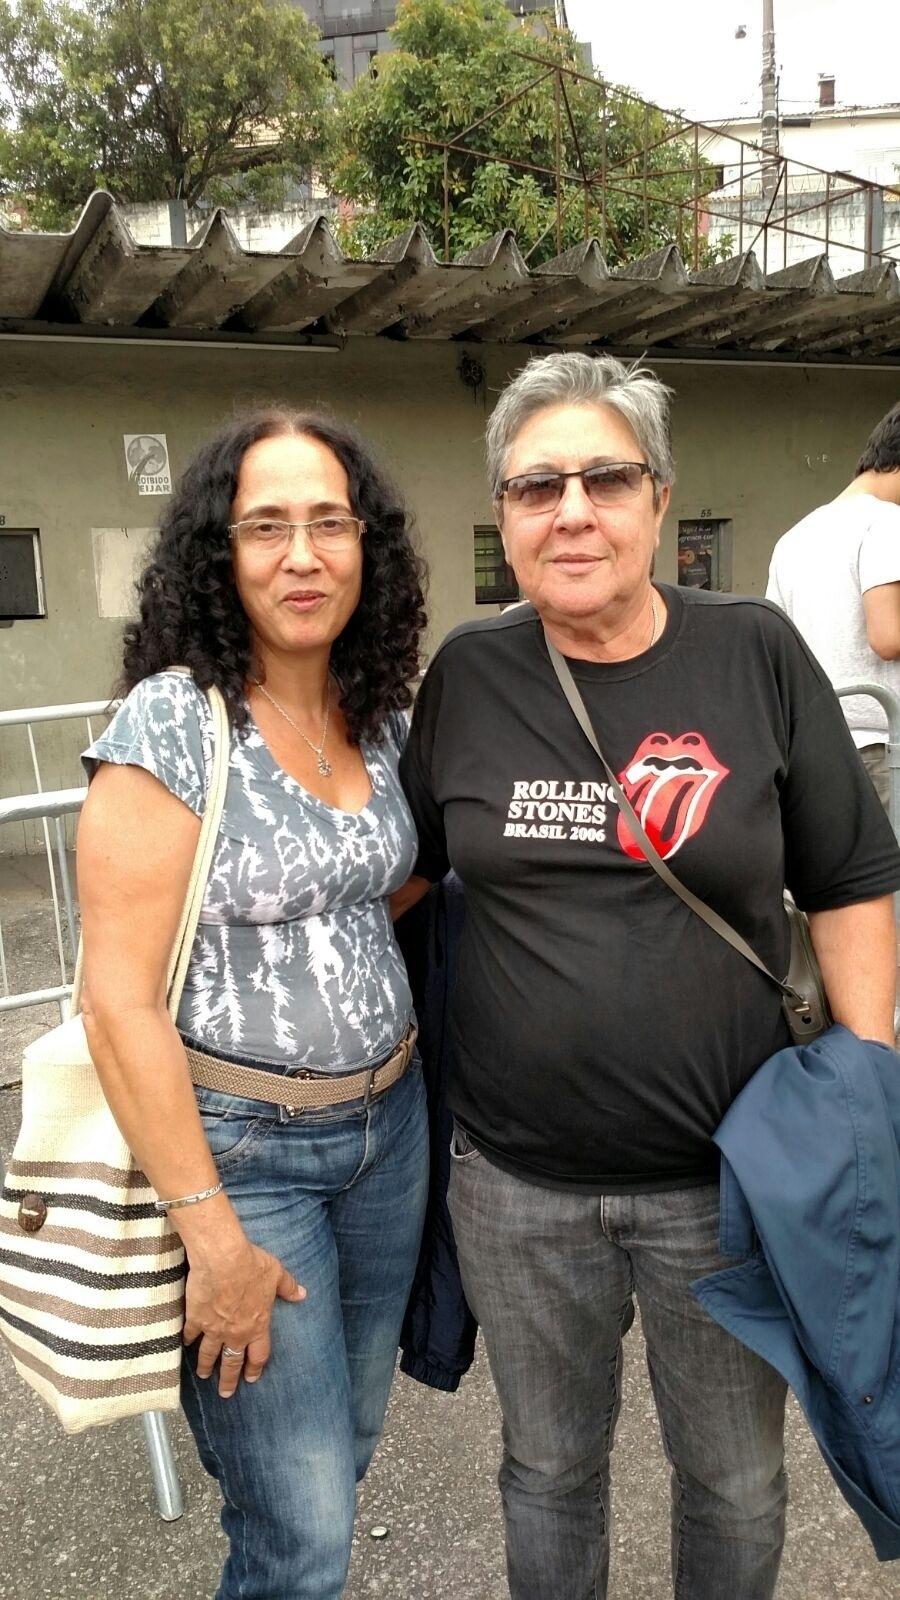 27.fev.2016 - Sandra Carnio e Clarina Fasanaro, de Jundiaí (SP), vão ficar na cadeira cativa. Elas foram ao show dos Stones em Copacabana em 2006